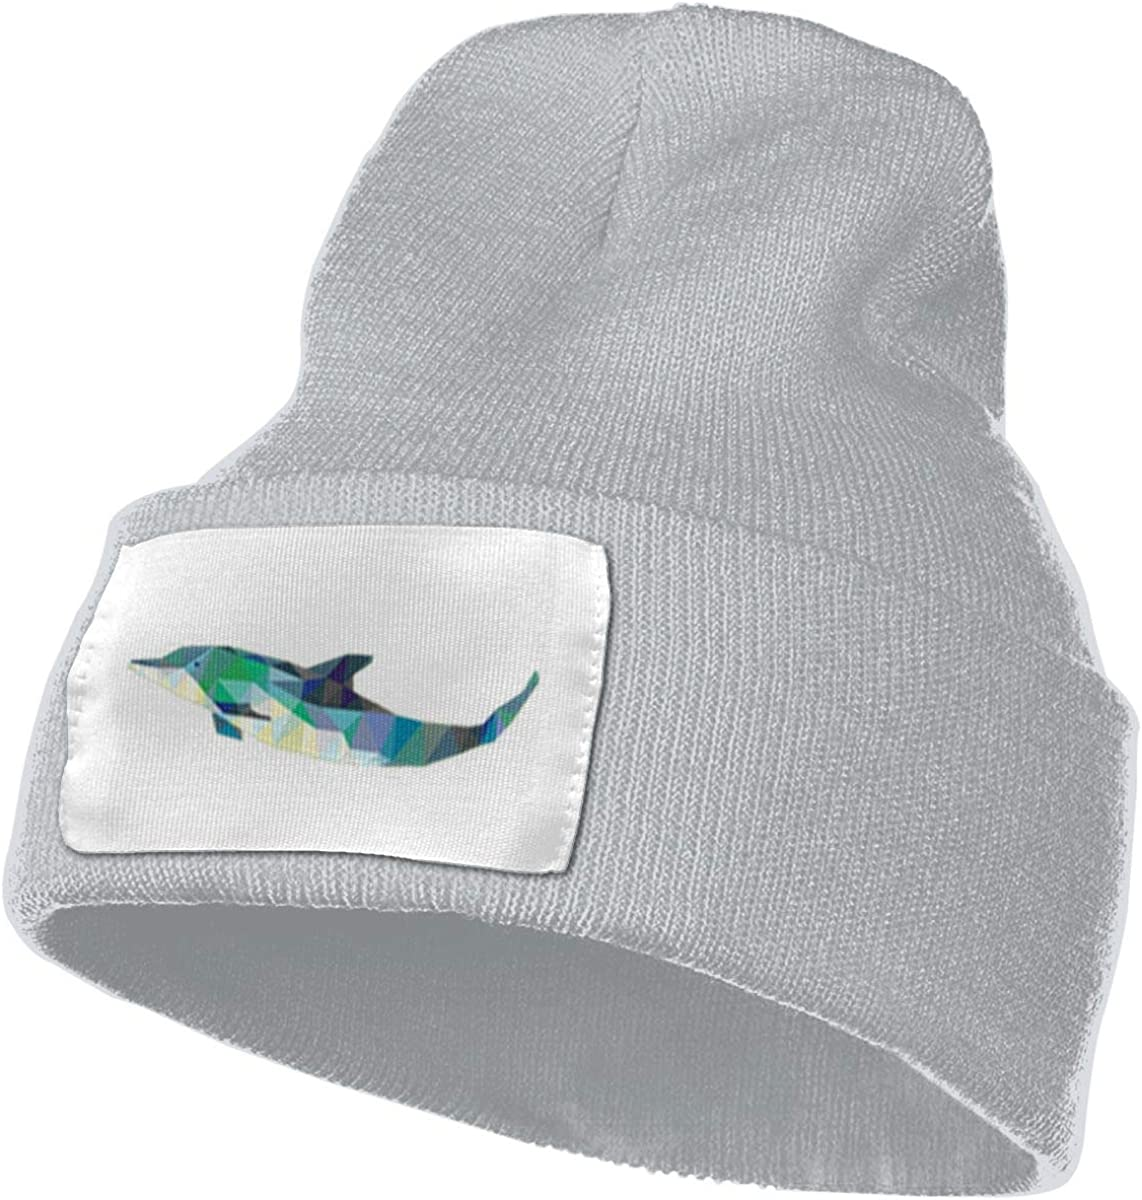 PCaag7v Basset Hound Dog Beanie Hat Winter Solid Warm Knit Unisex Ski Skull Cap